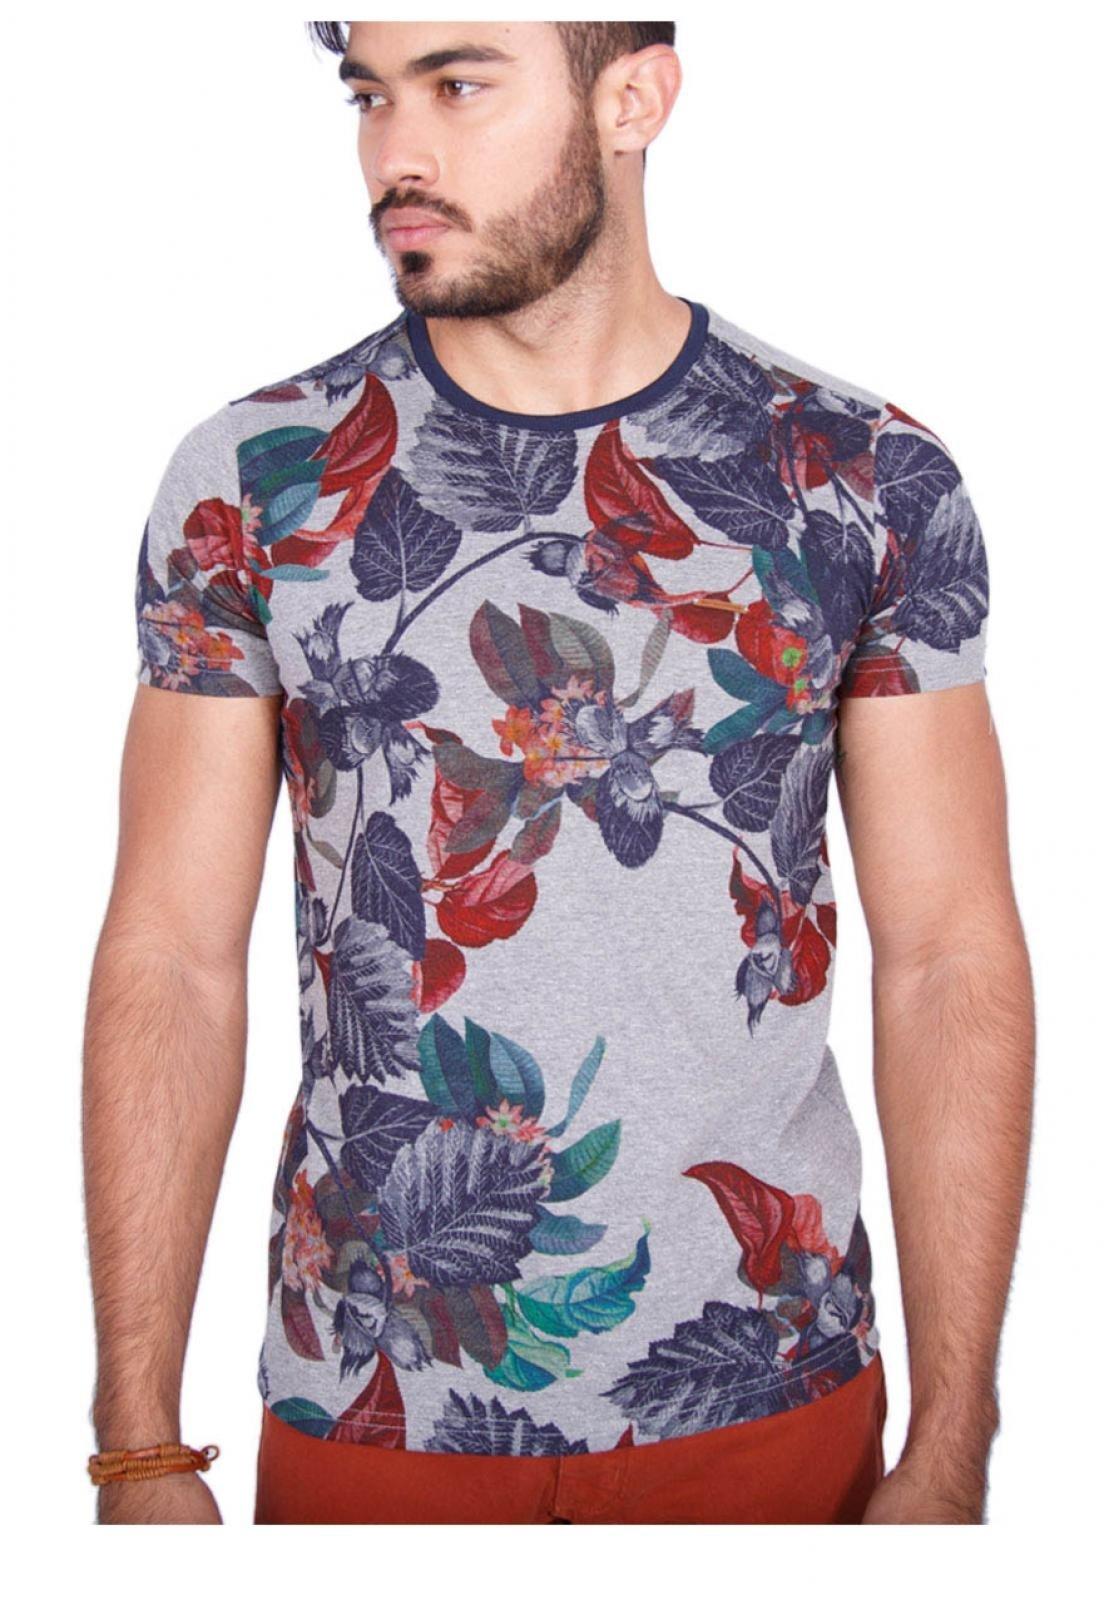 4b7fad2bd5d3d ... beeabf8509b Camiseta Rota do Mar Floresta Tropical Vermelho - Compre  Agora Kanui Brasil ...